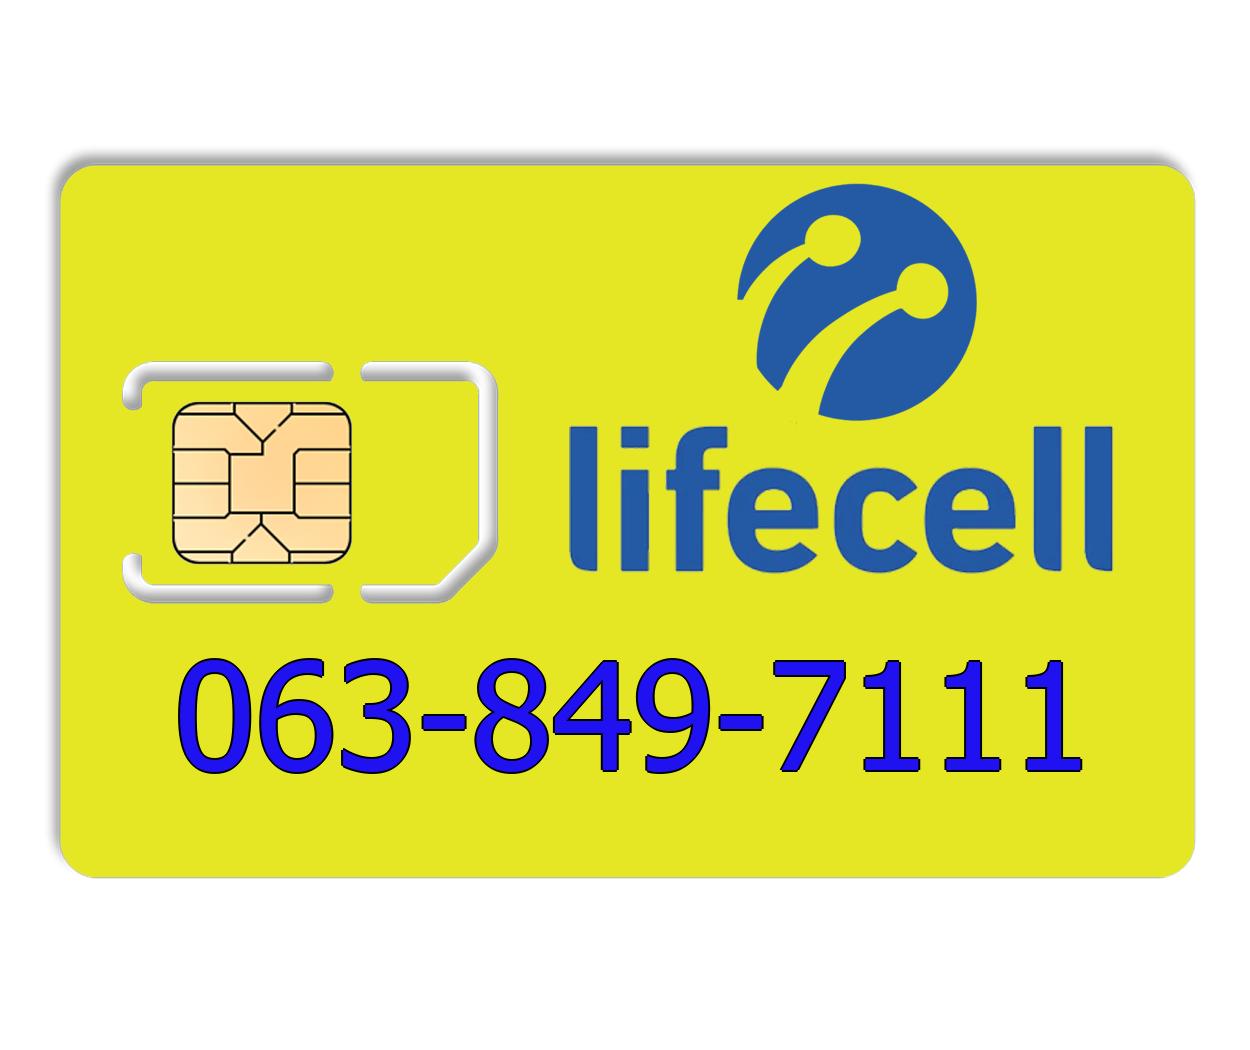 Красивый номер lifecell 063-849-7111